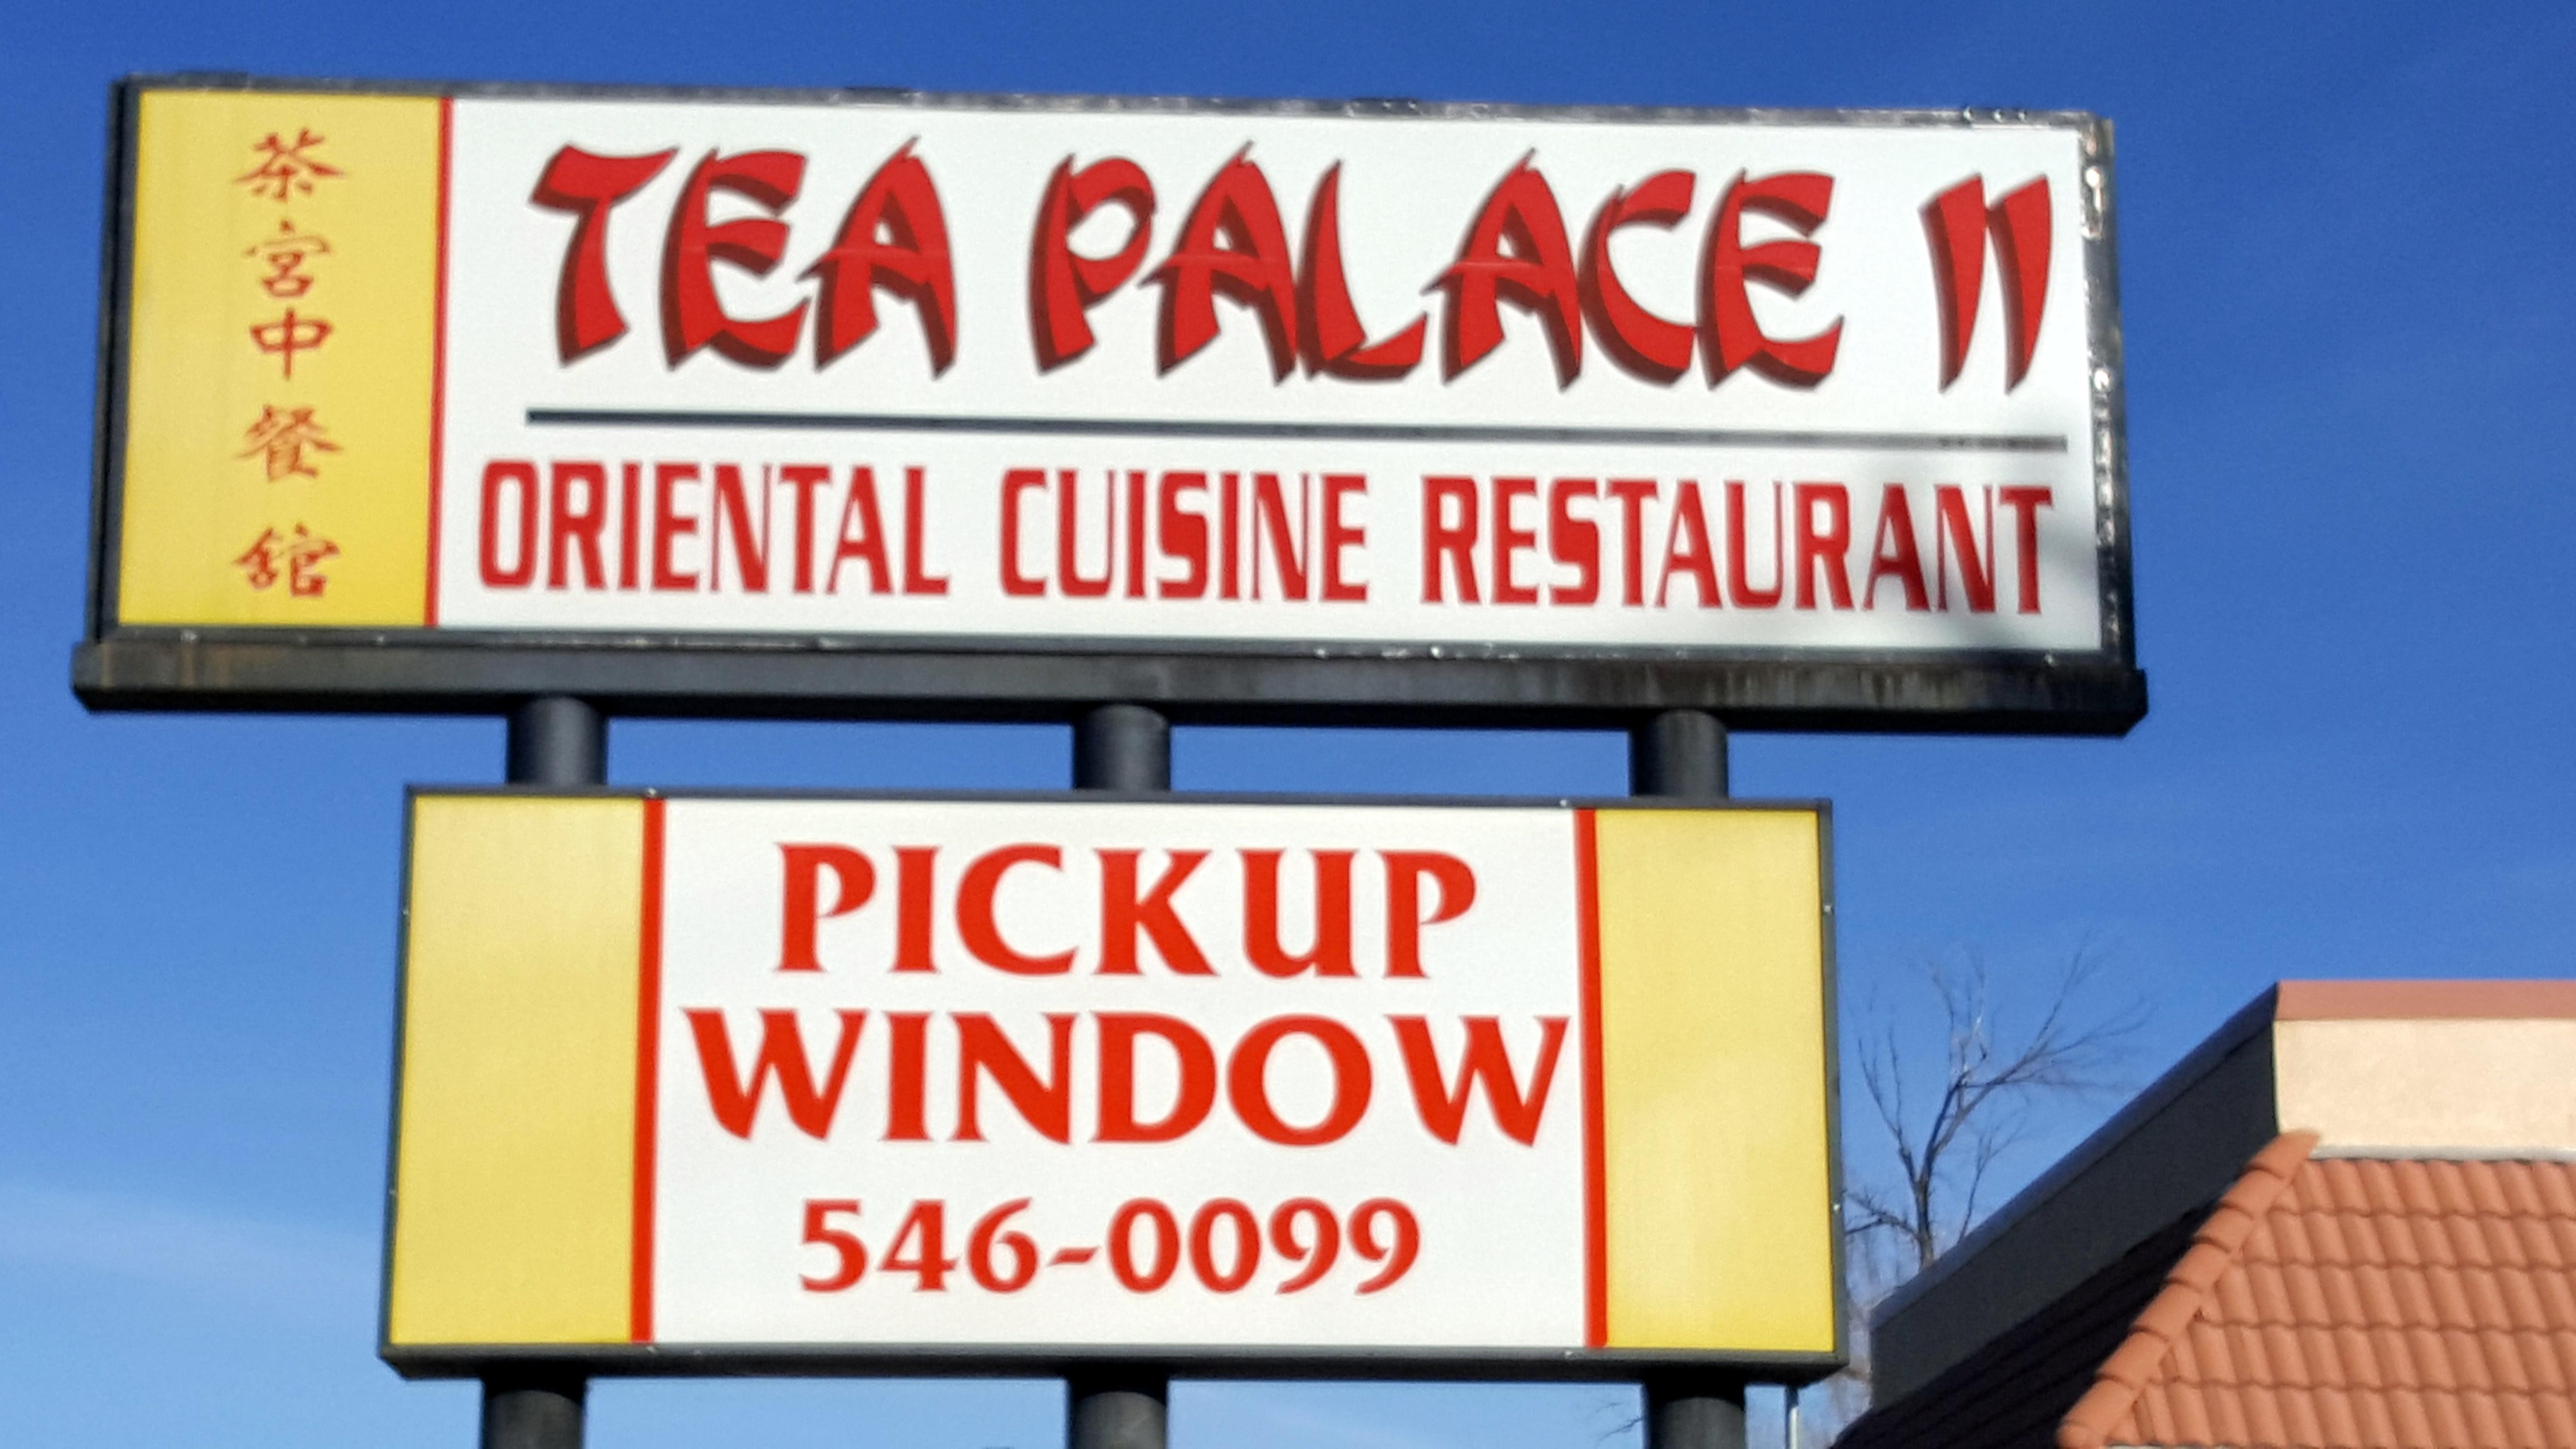 Tea Palace Menu